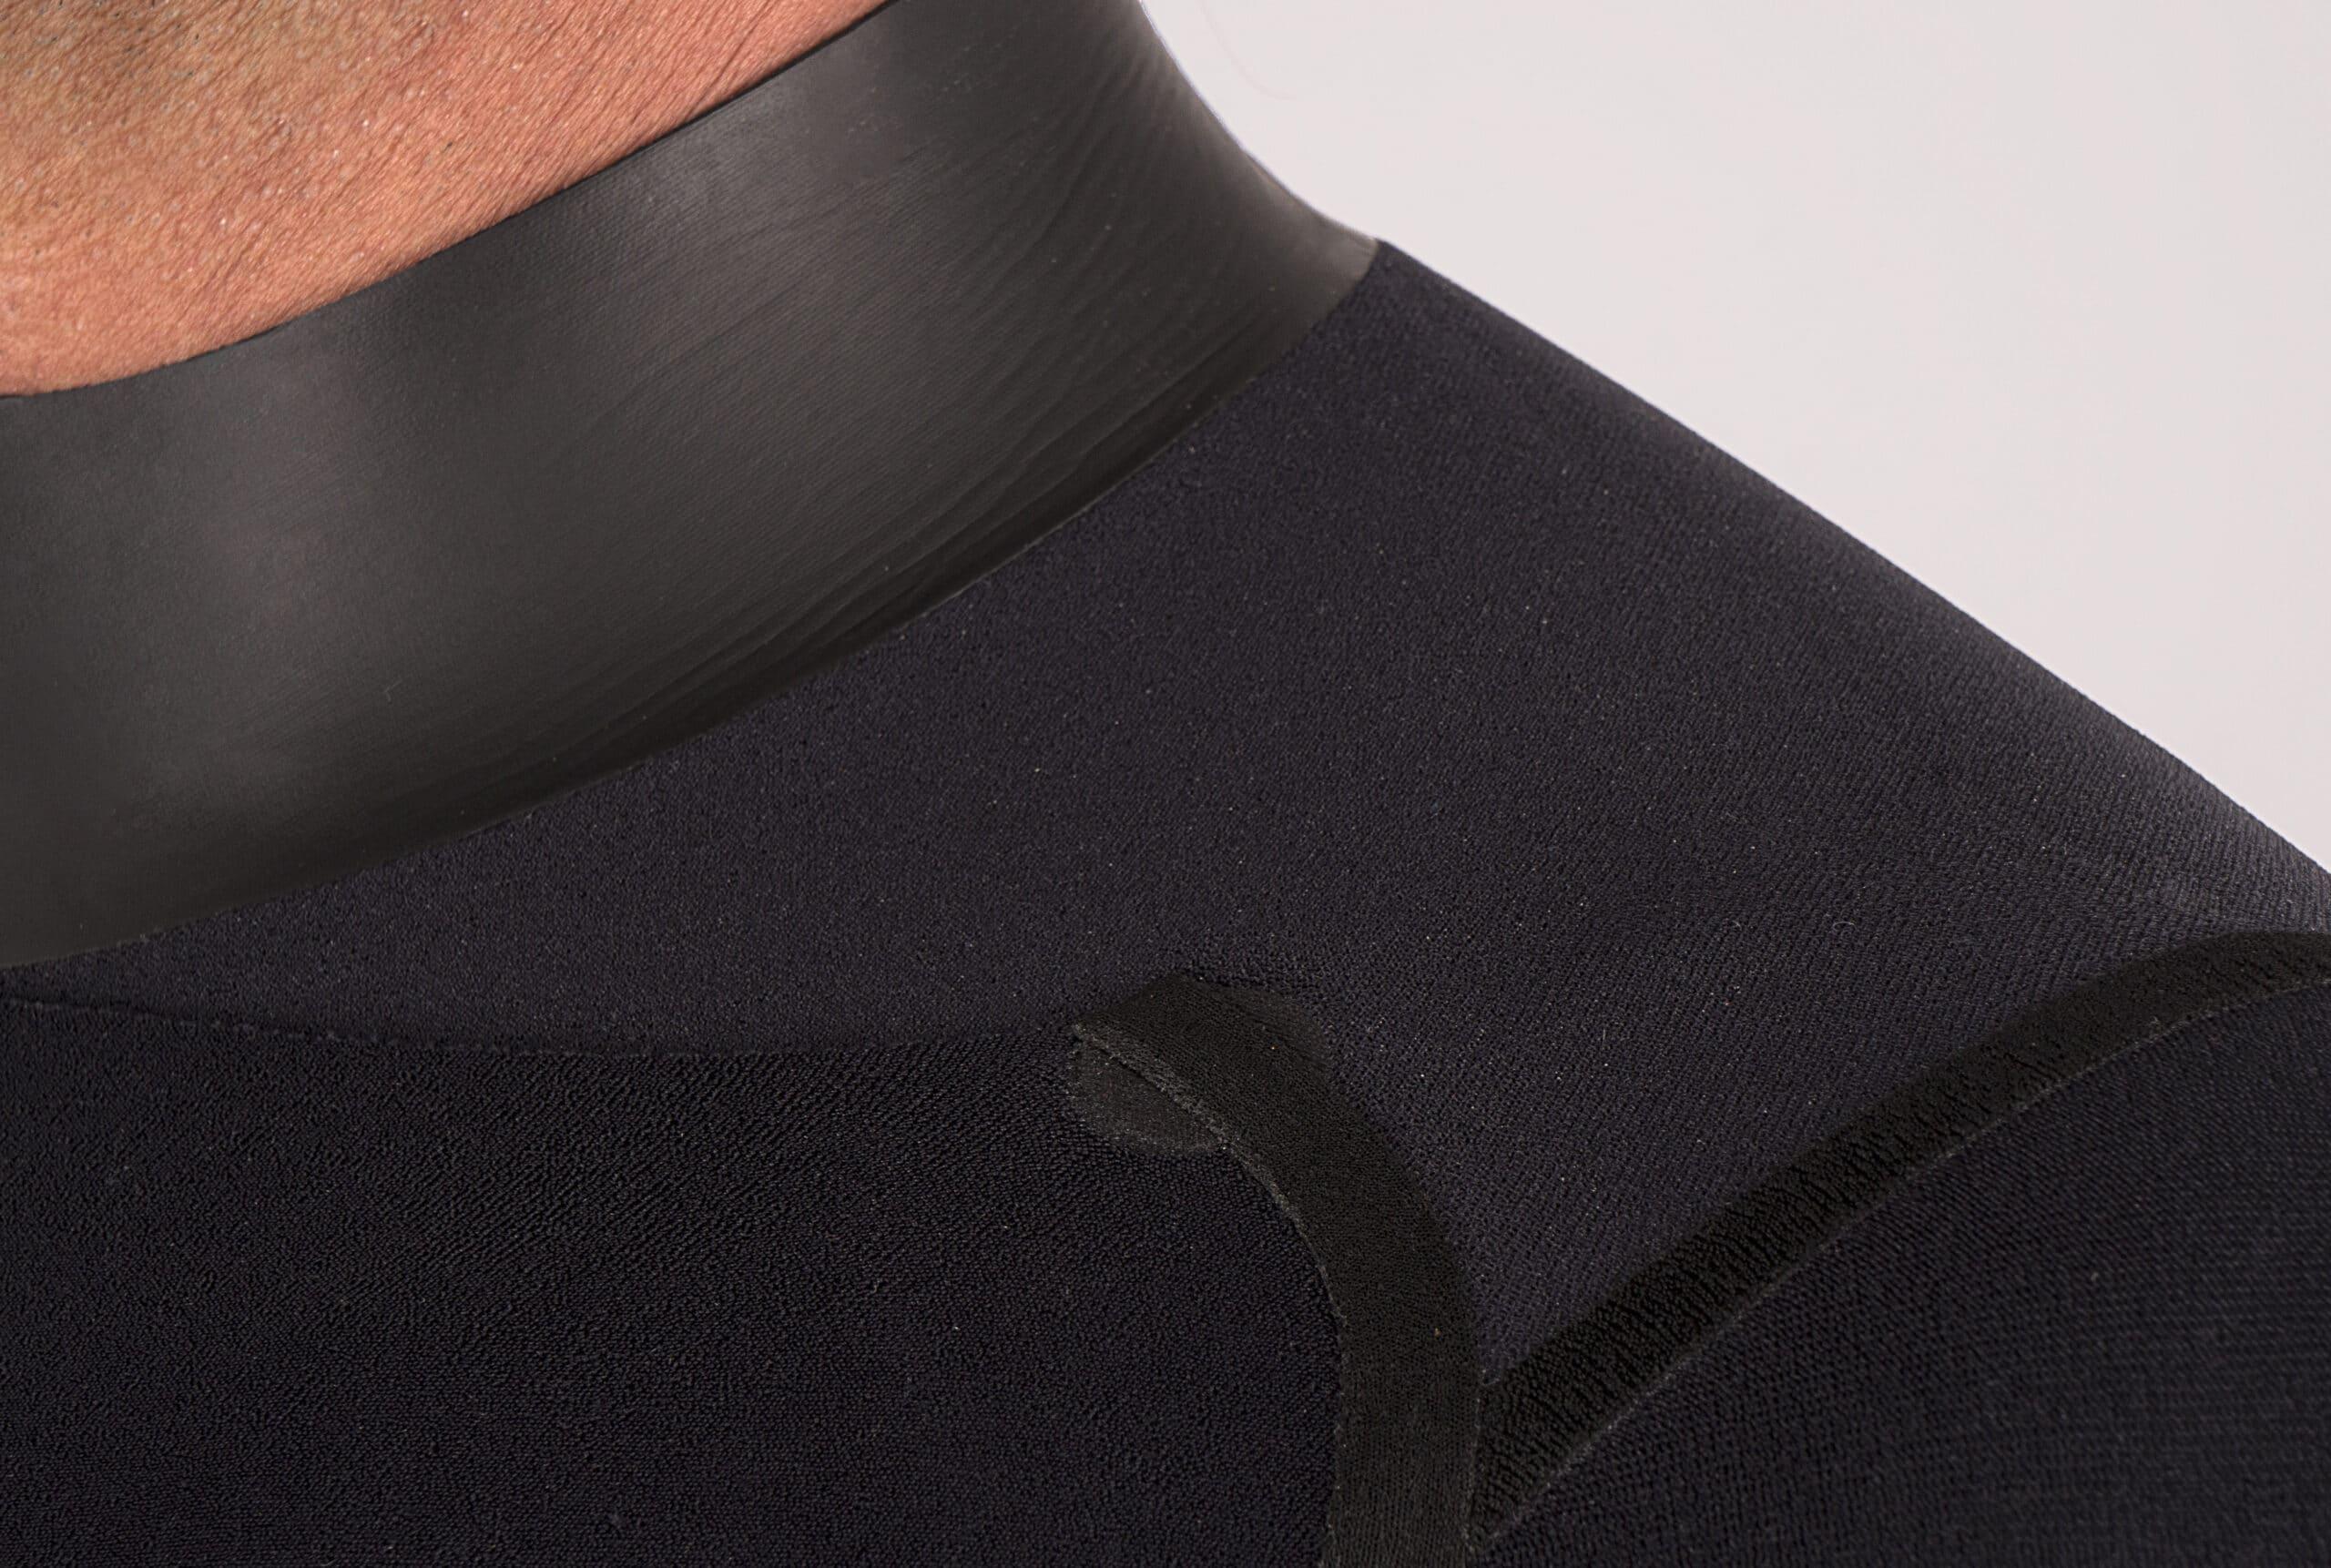 Protections sur le col combinaison 5/4 mm